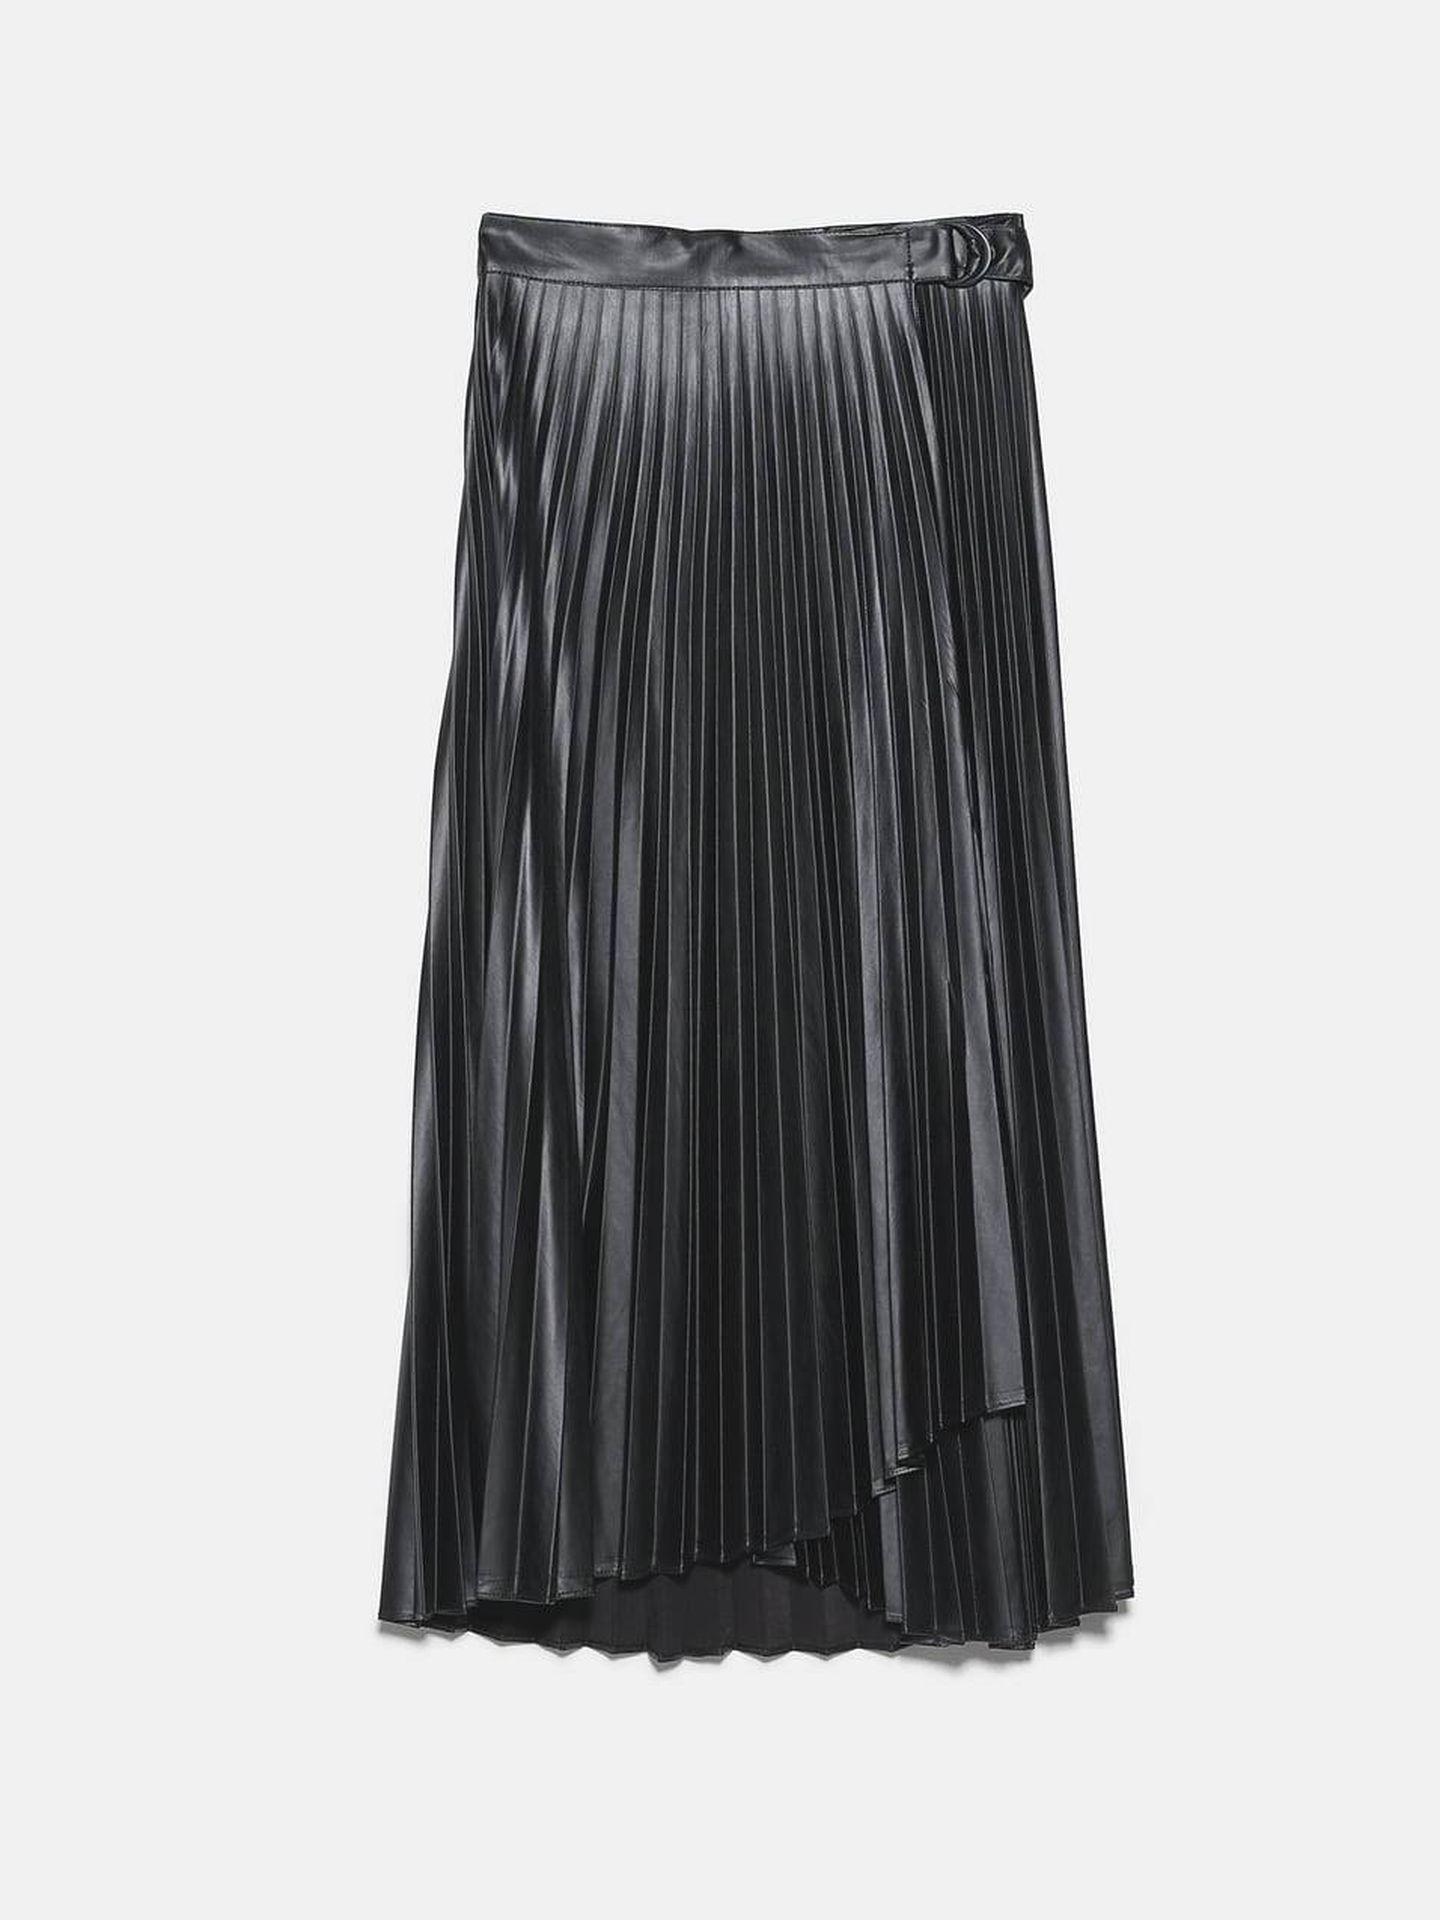 La falda plisada de Zara. (Cortesía)